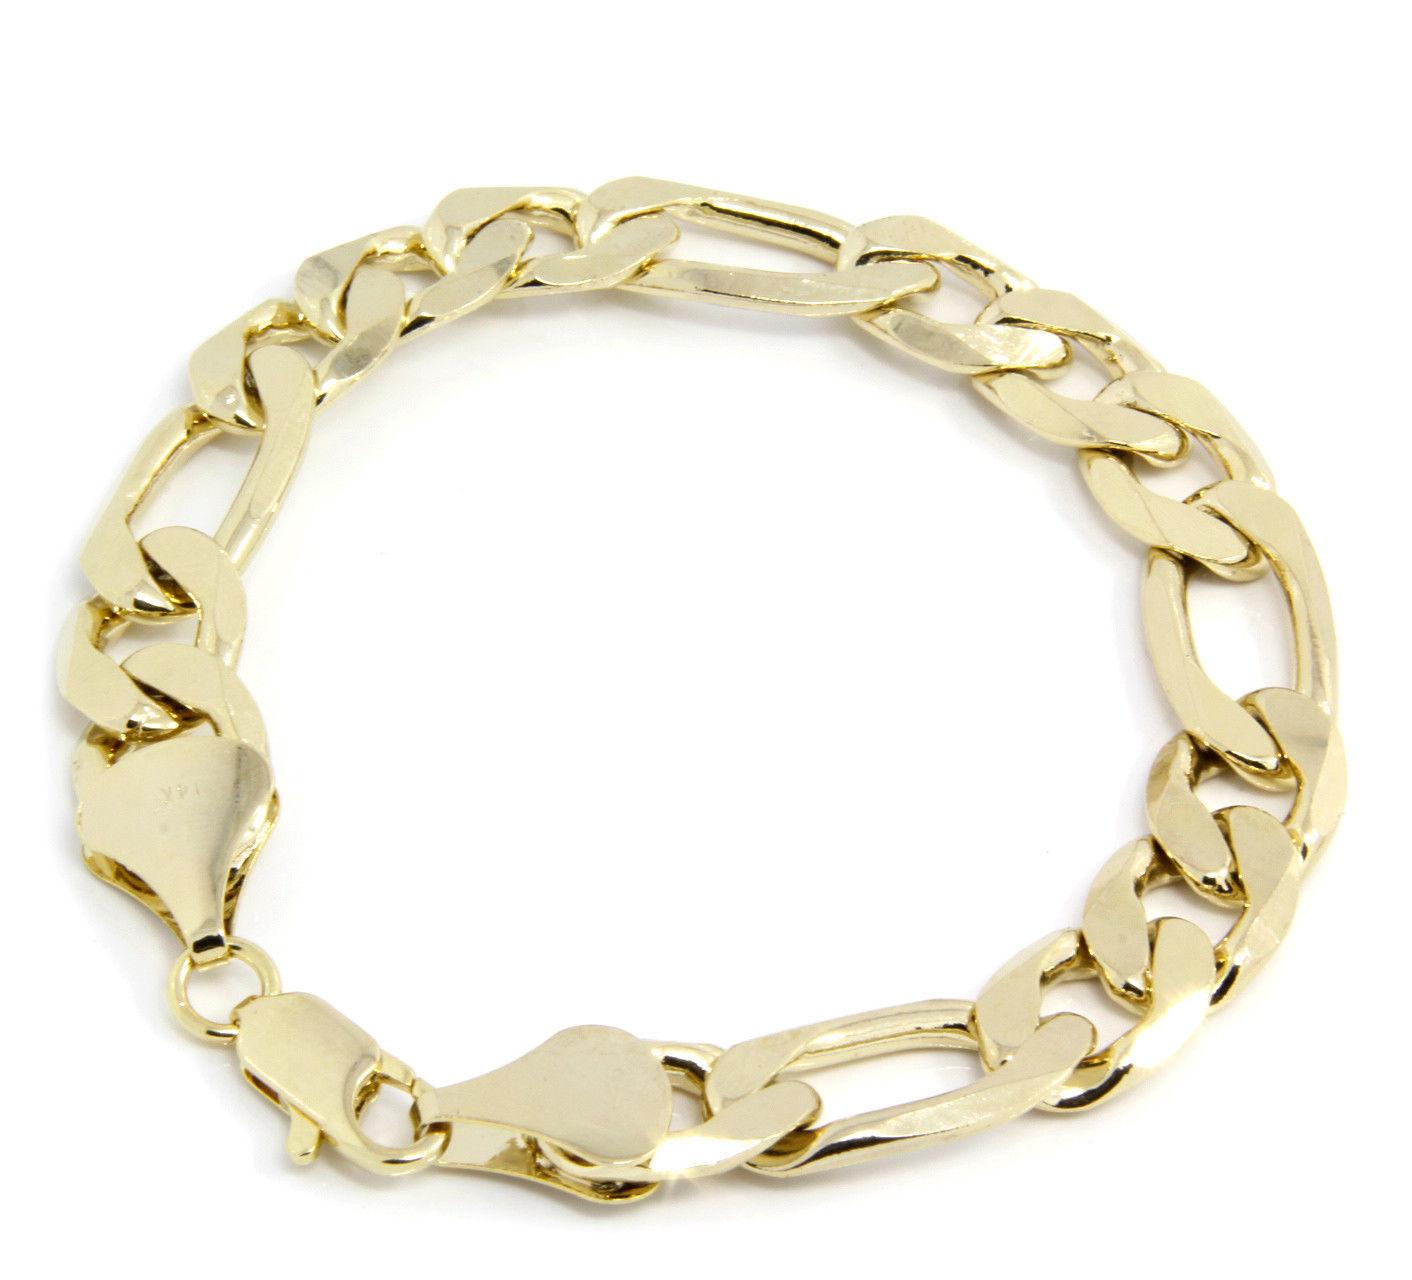 Gold Wrist Bracelet: 14k Gold Tone Plated 10mm-12mm Sparkling Figaro Link Wrist